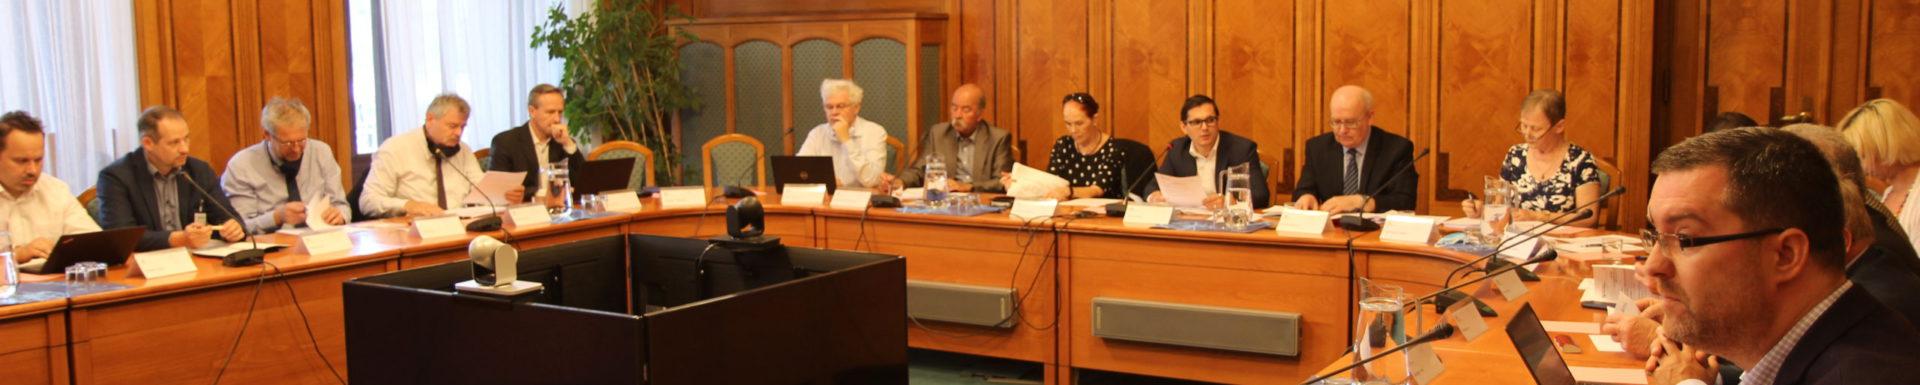 Rada kvality ČR rozhodla o dalším ročníku Národní ceny kvality ČR a Národní ceny ČR za CSR